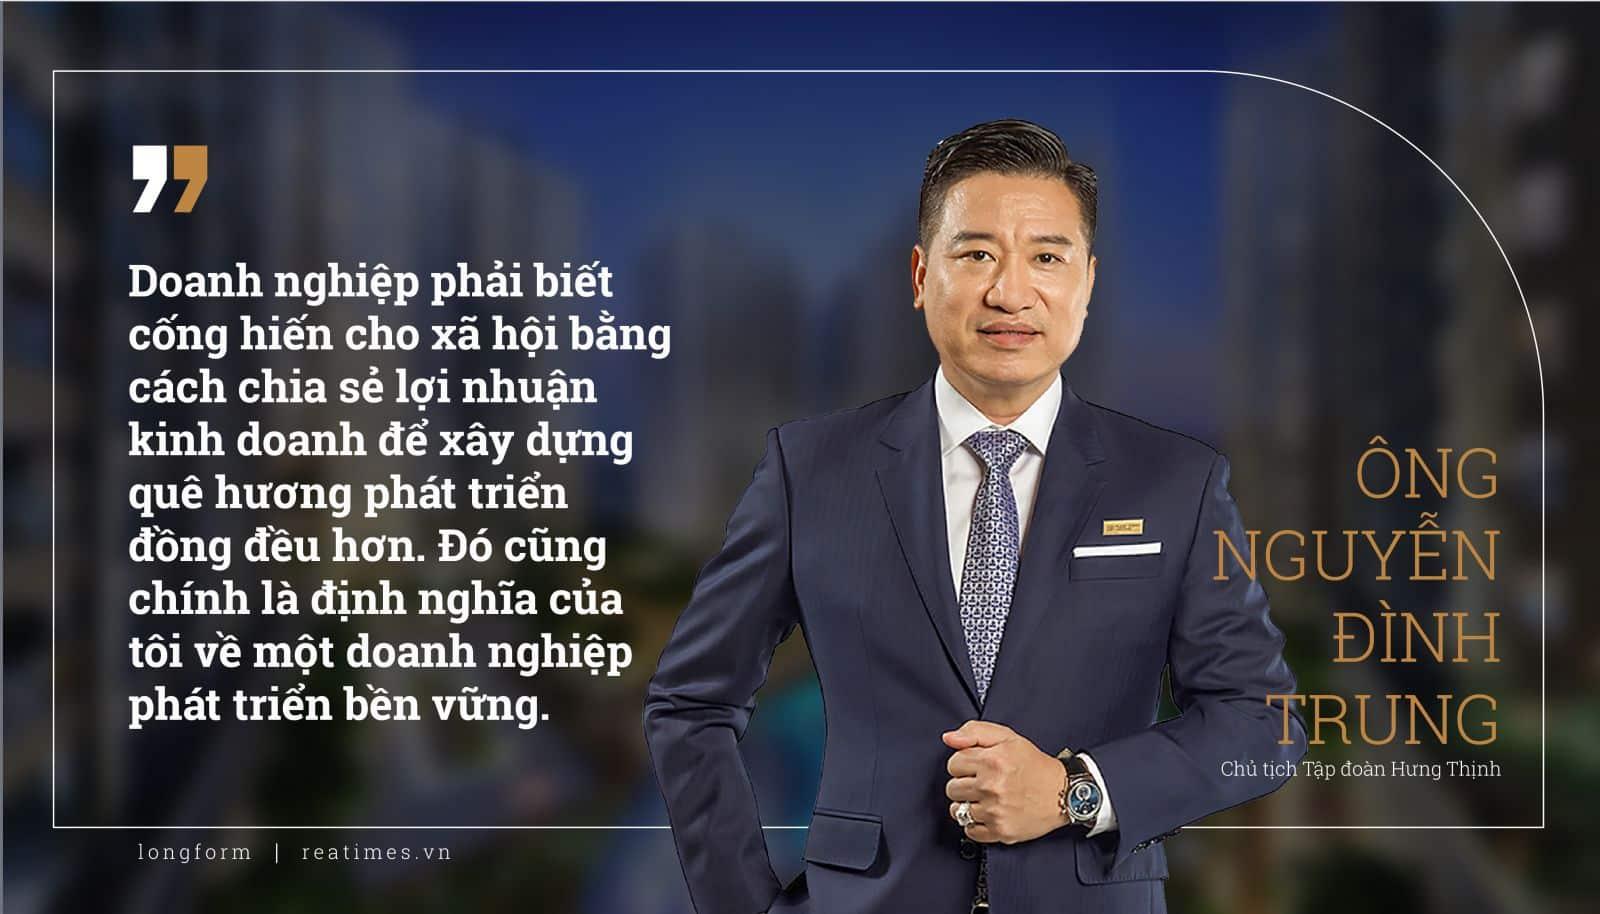 Doanh nhân Nguyễn Đình Trung Hưng Thịnh